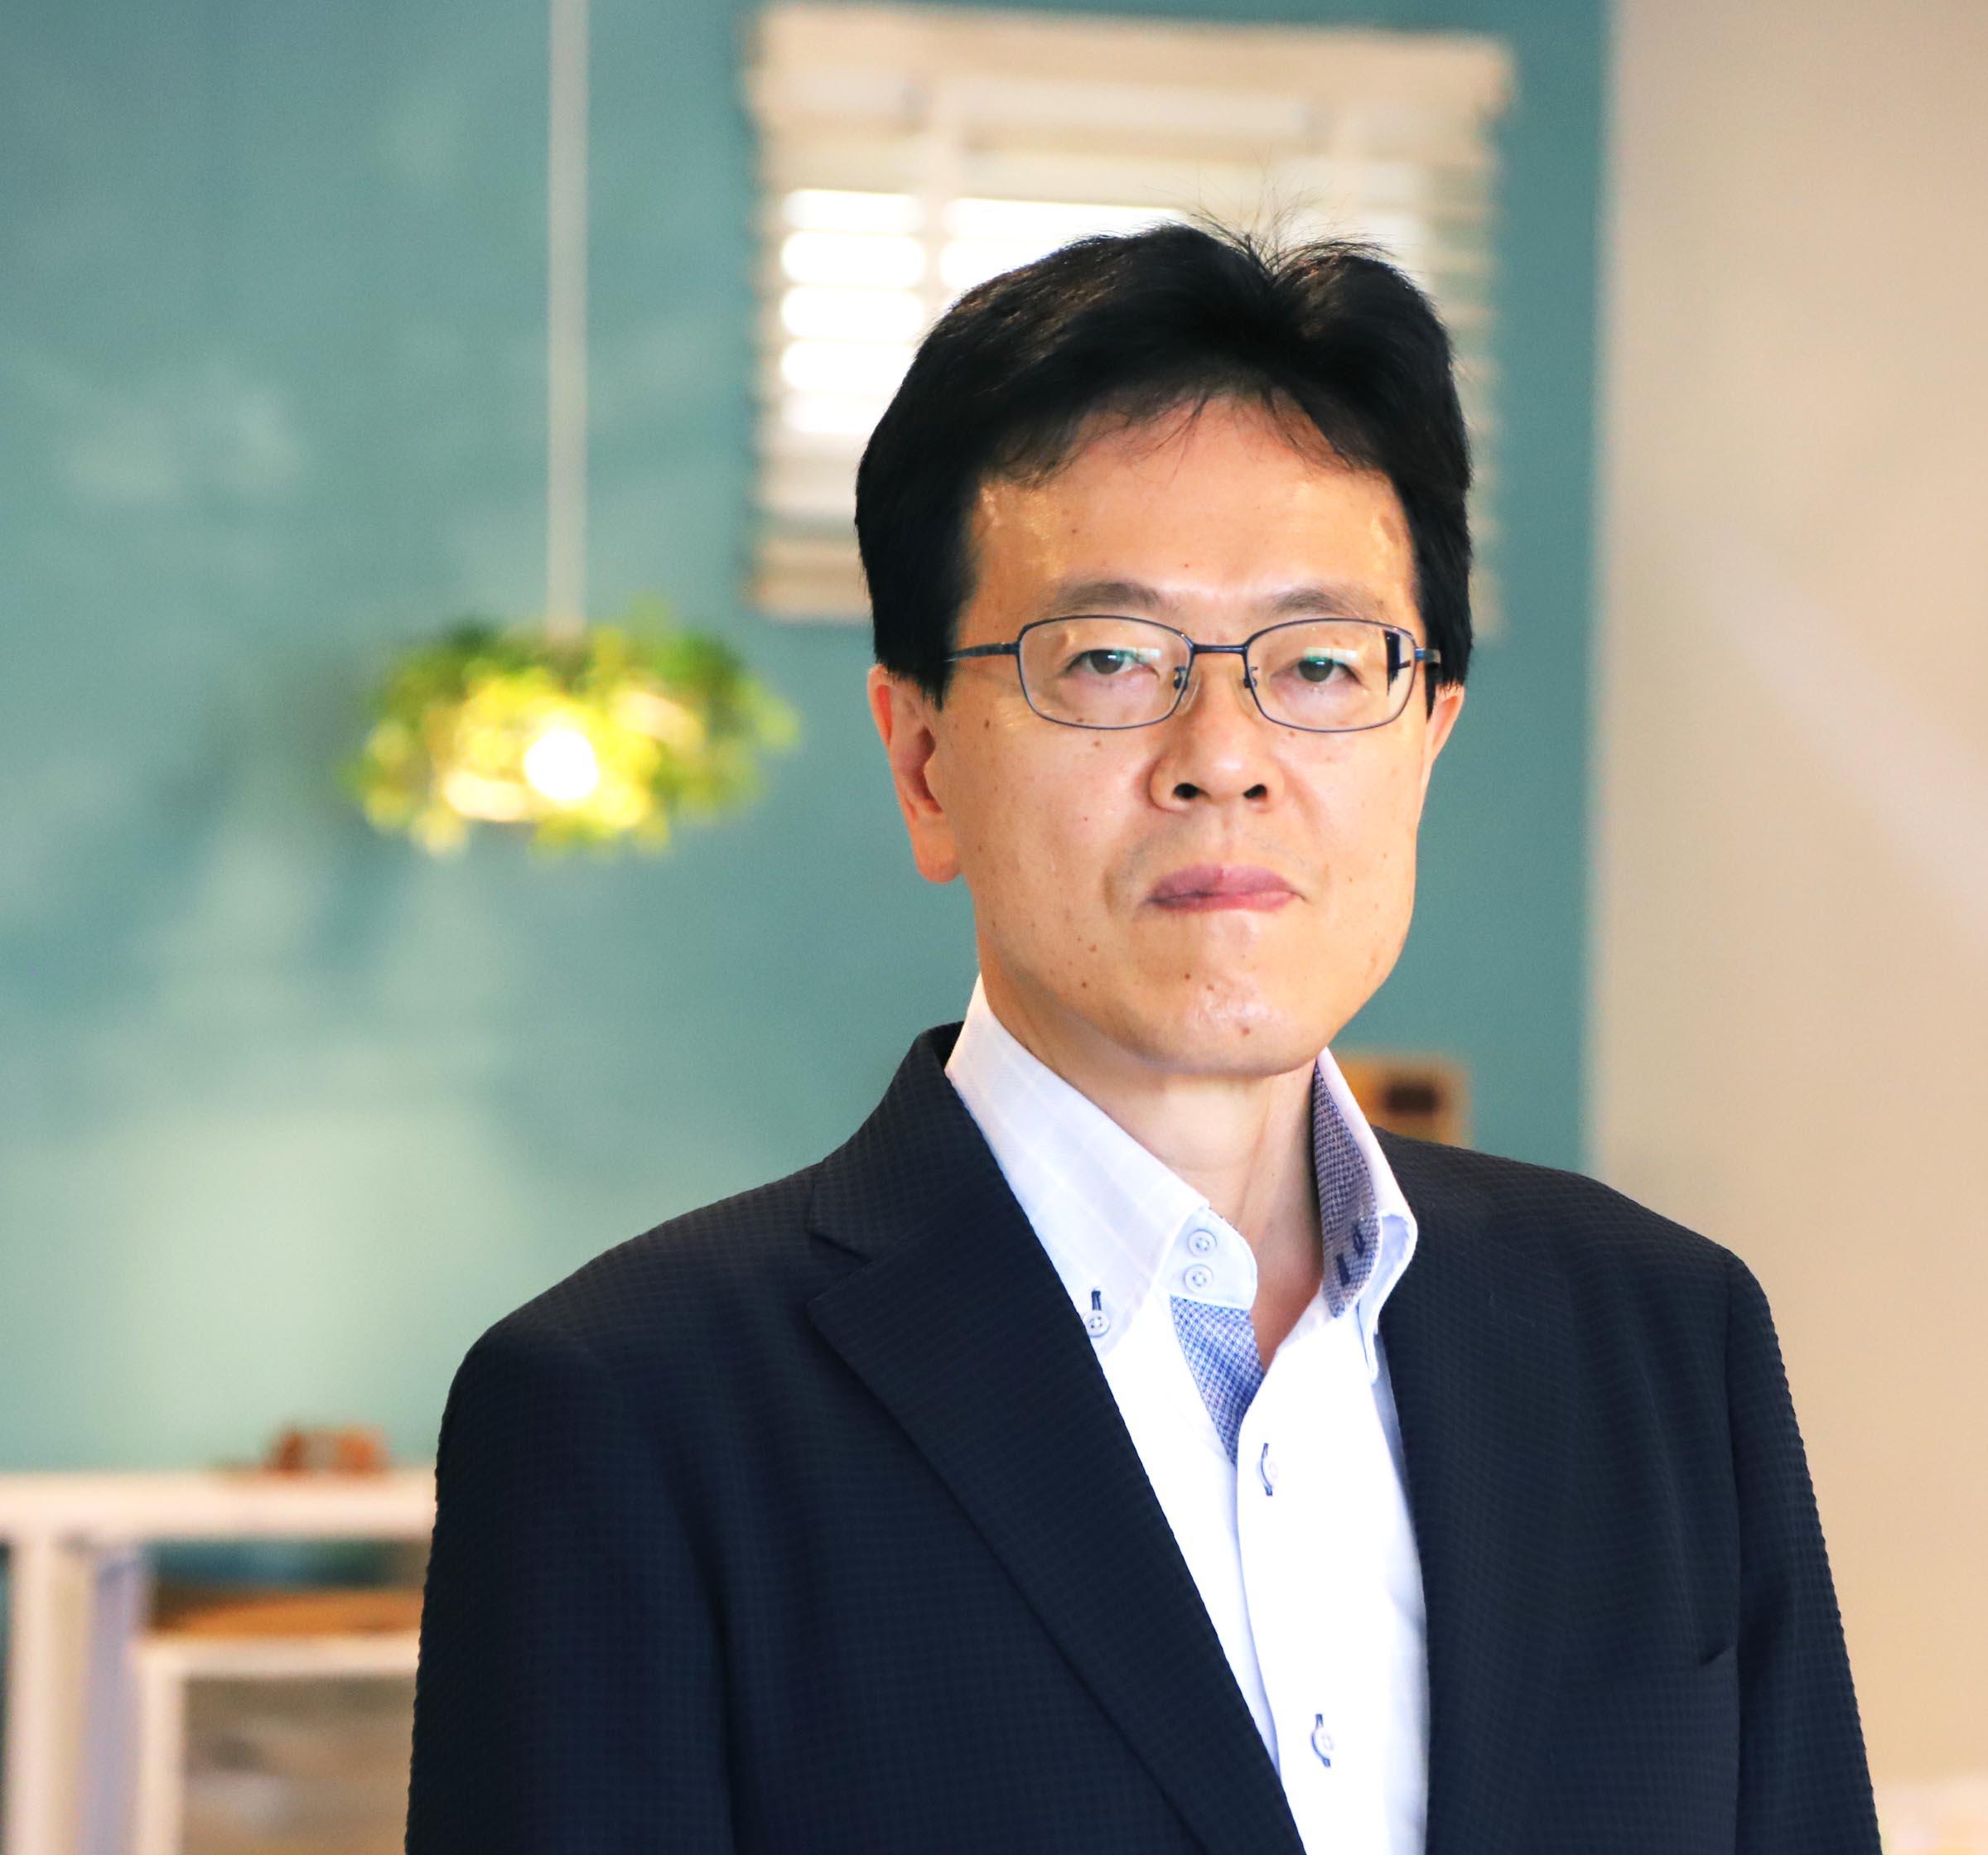 代表取締役社長 柴本隆幸